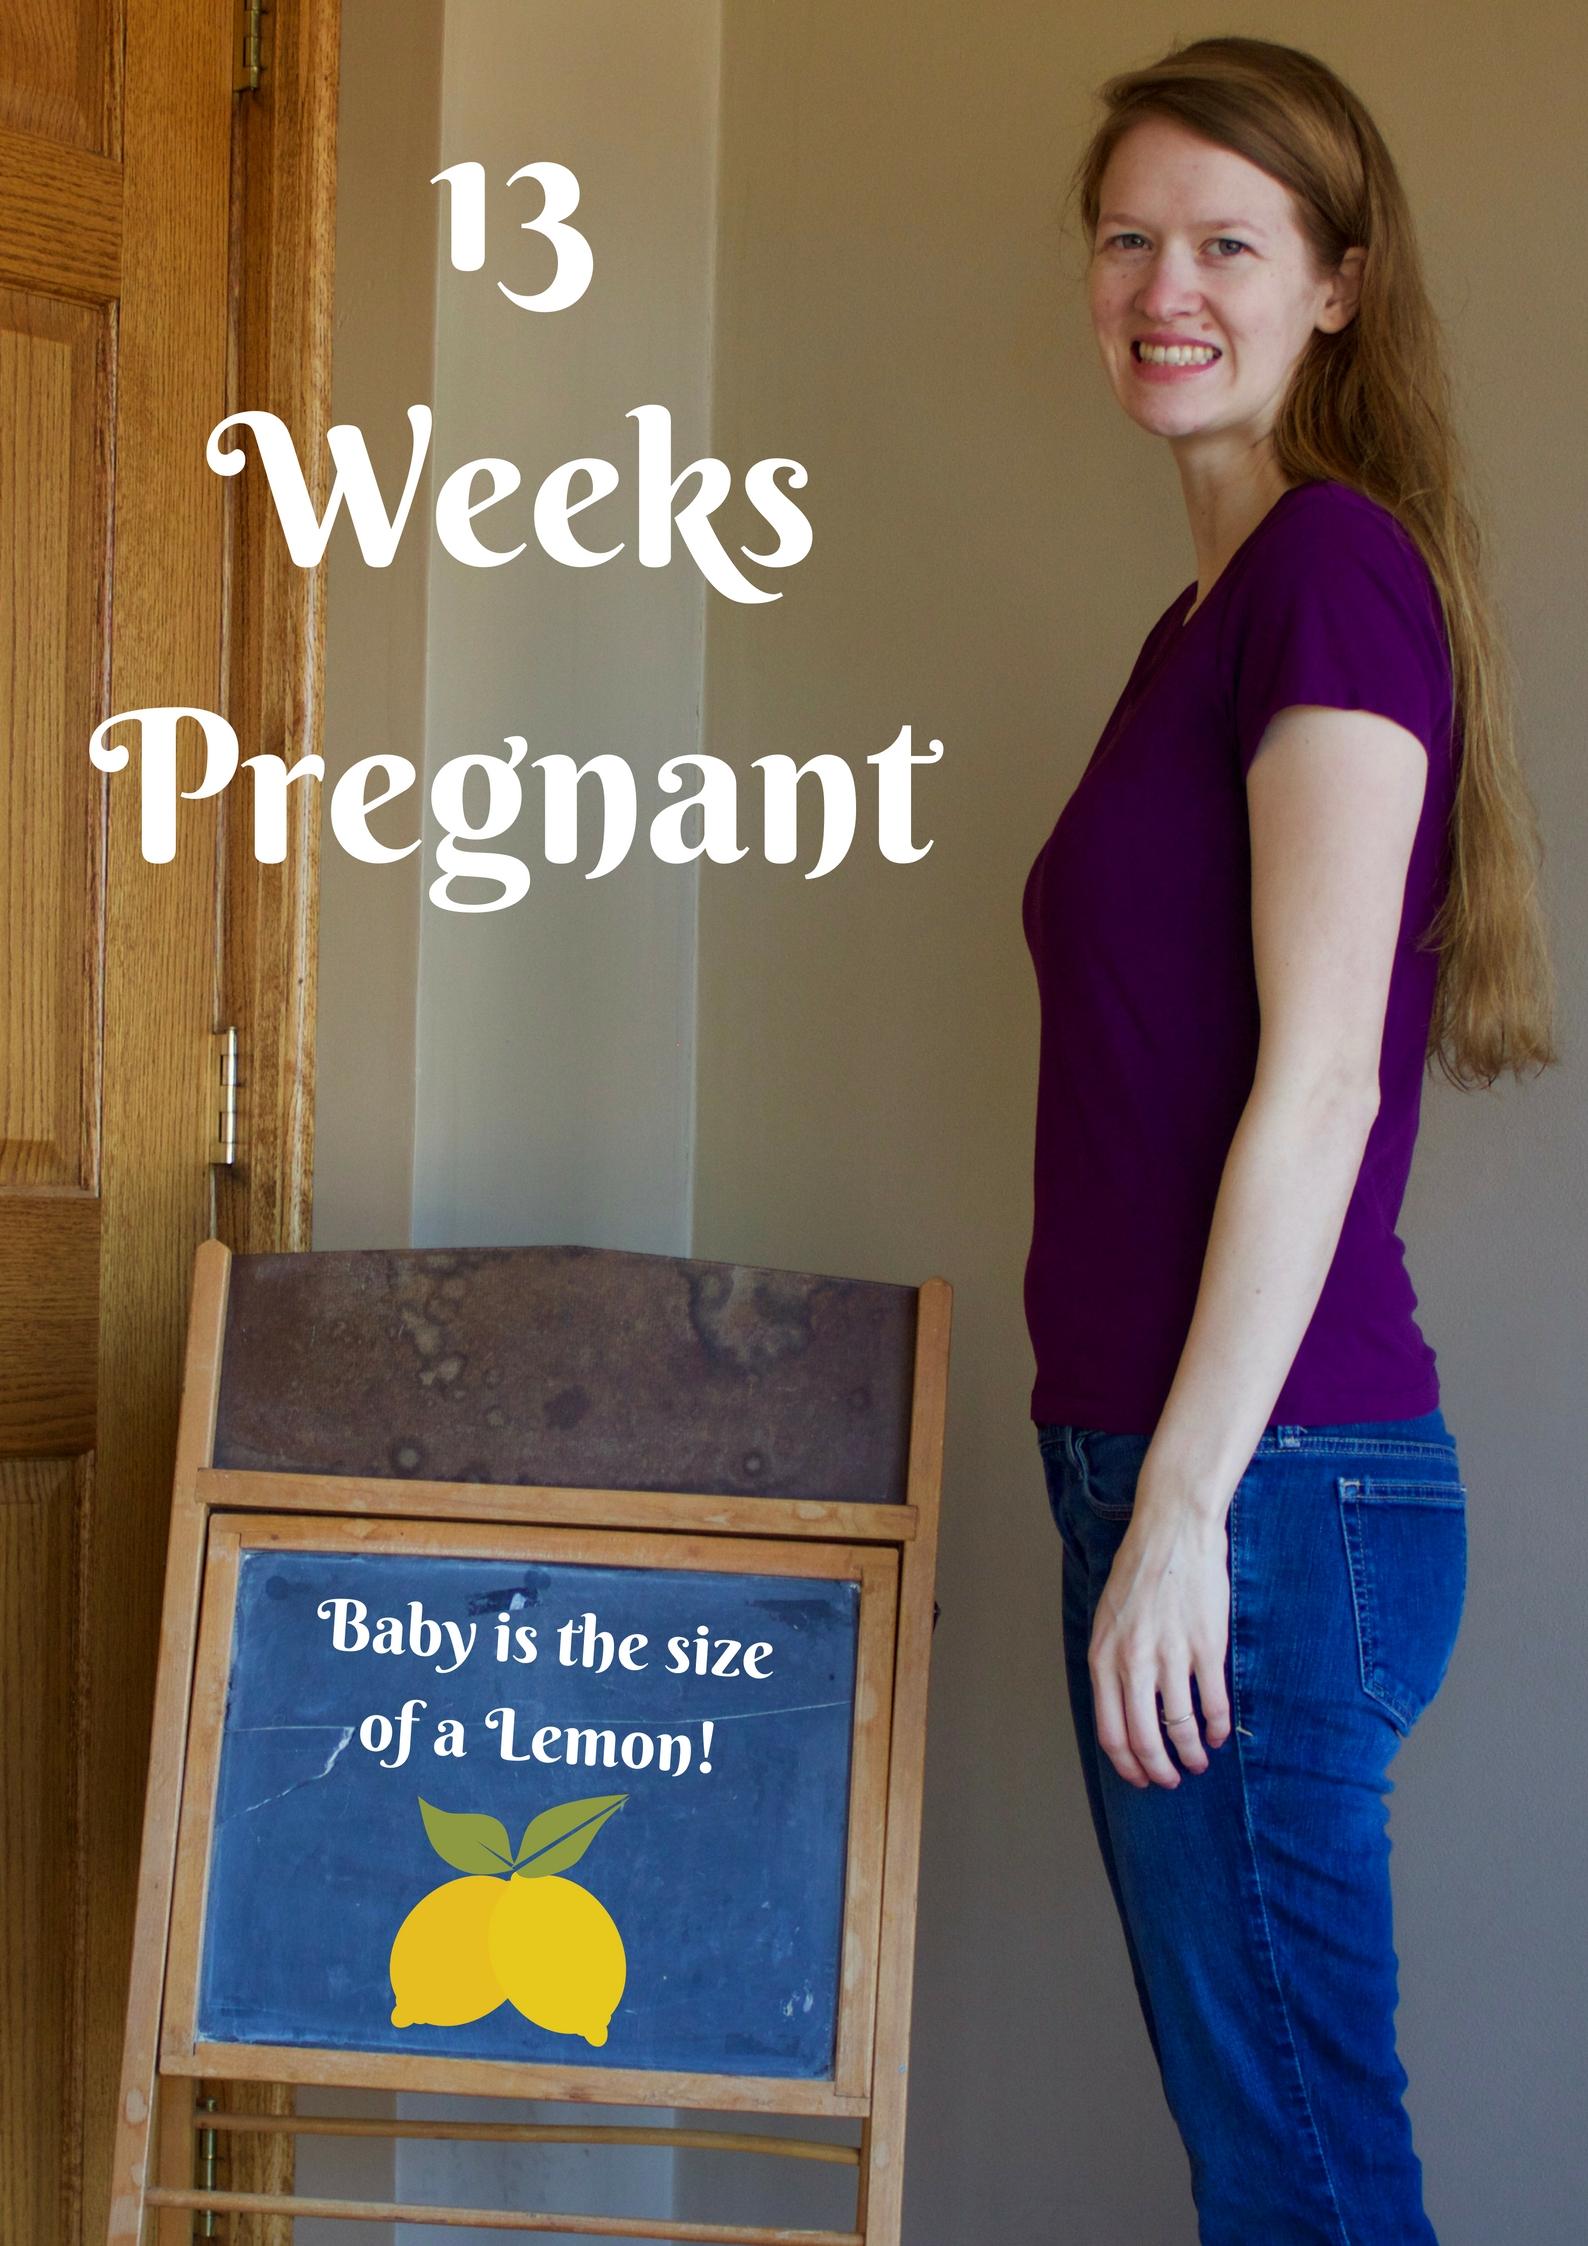 13 Week Bumpdate